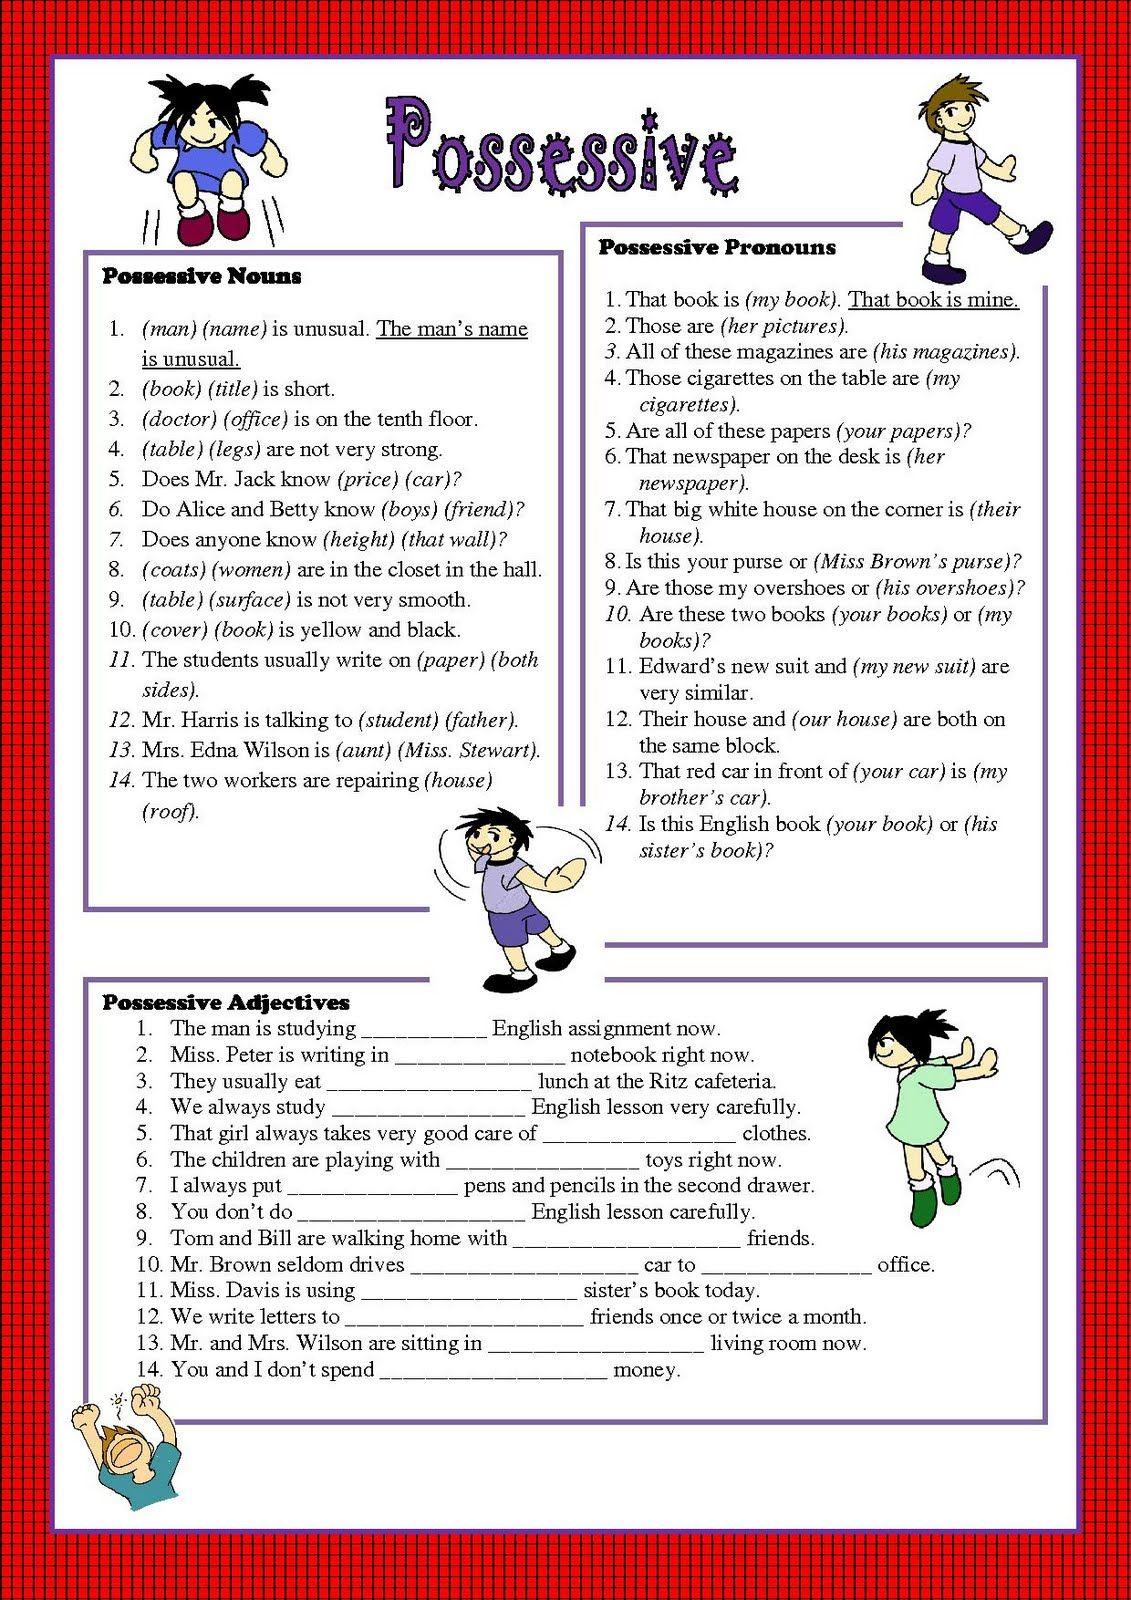 Possessive Pronouns Worksheet | Good English | Pinterest